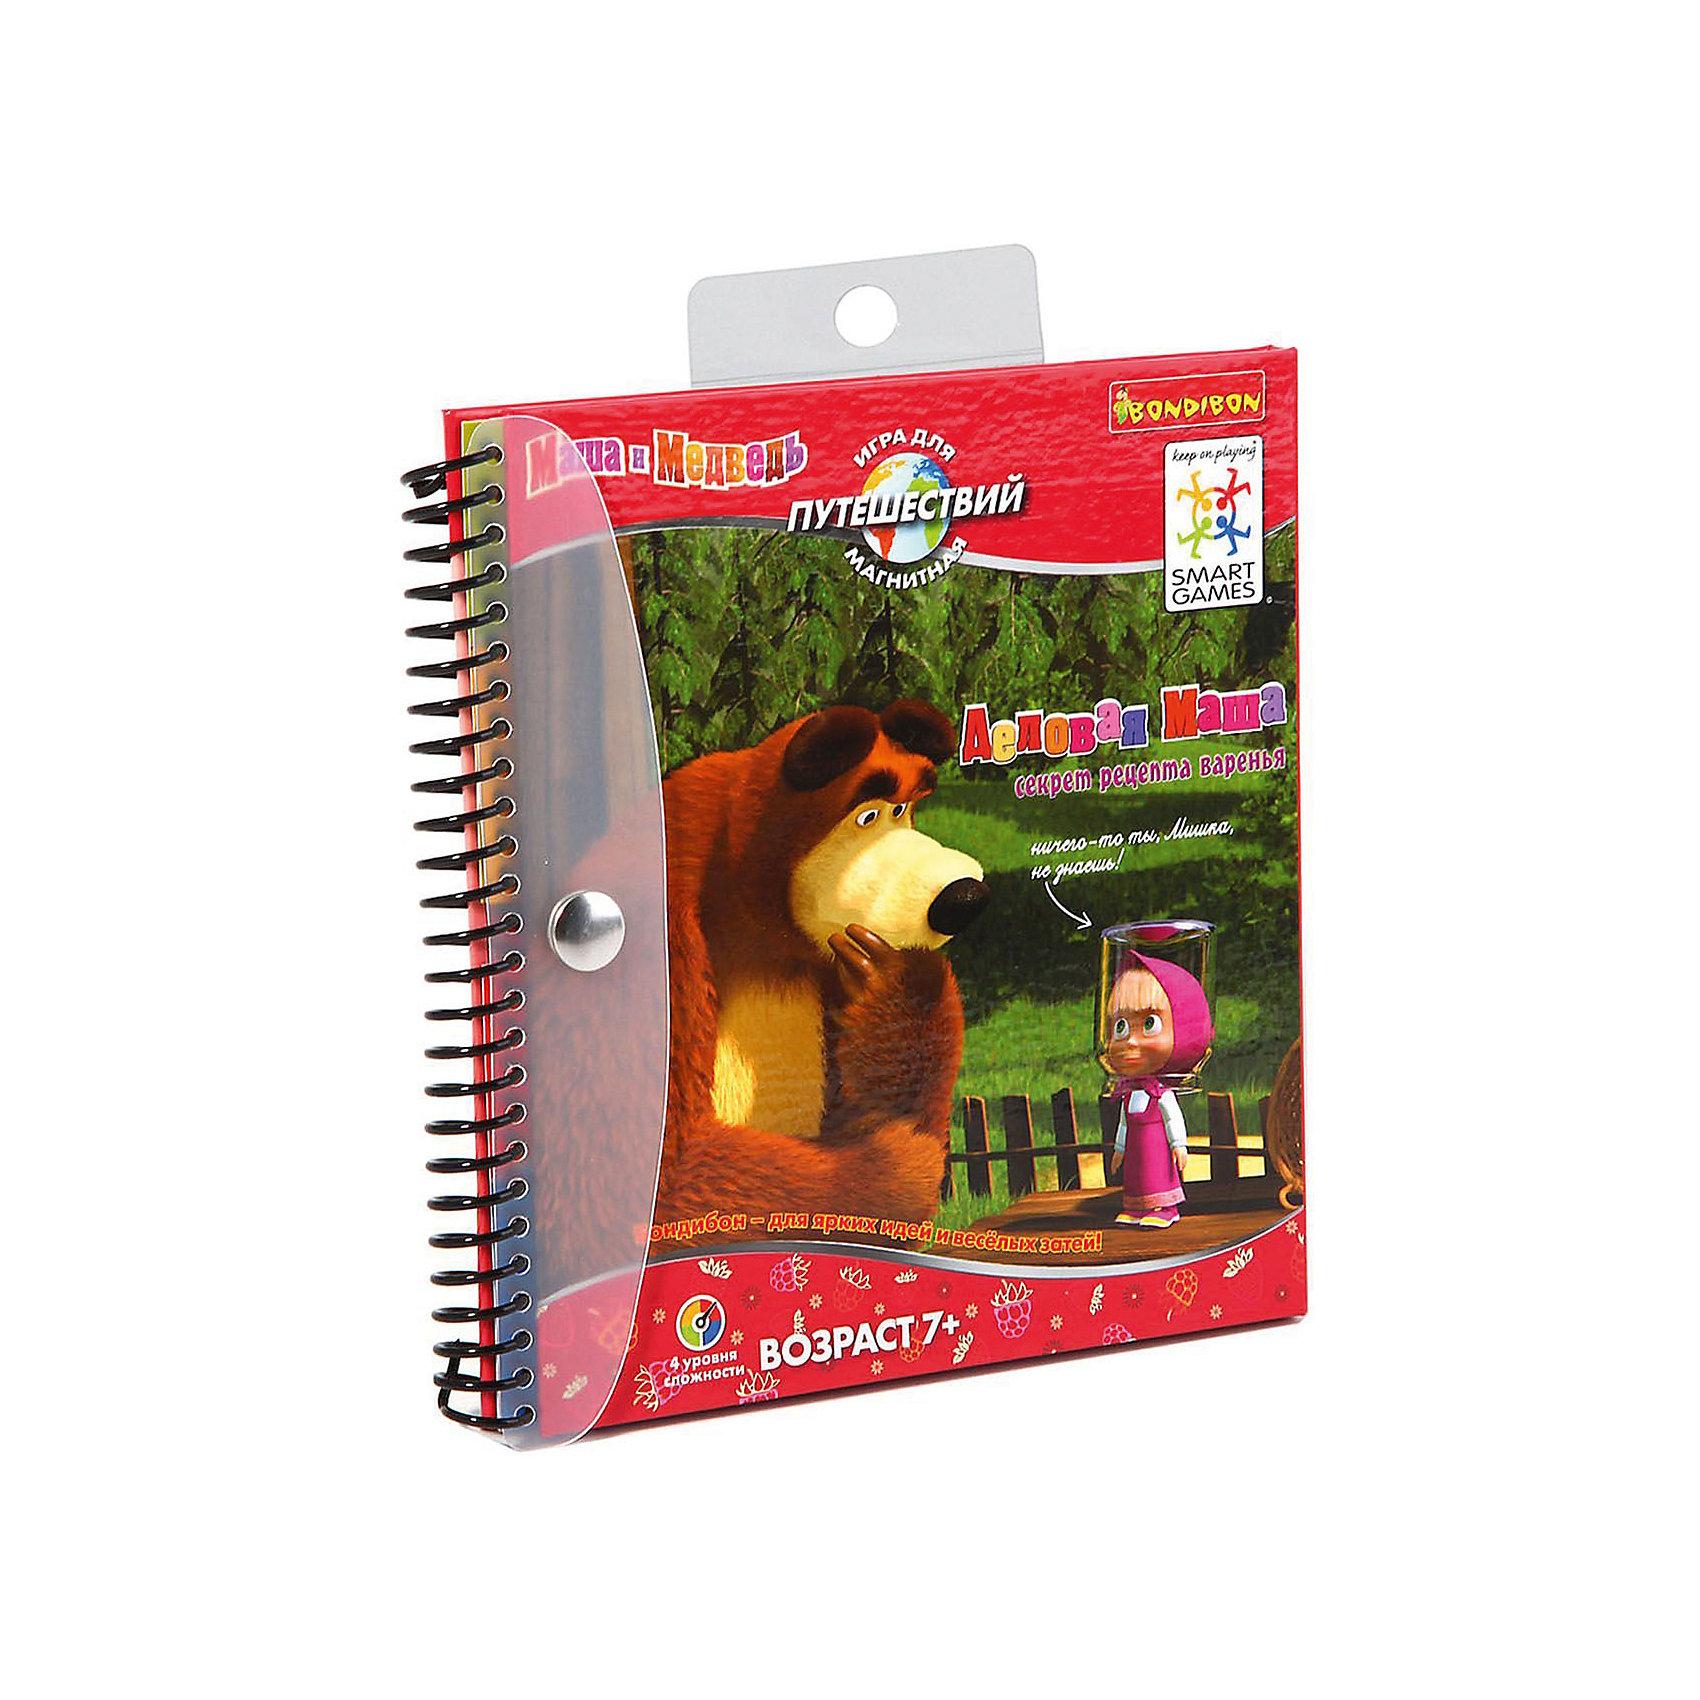 Магнитная логическая игра для путешествий Маша и Медведь, BondibonГоловоломки<br>Магнитная игра Маша и Медведь развлечет Вашего ребенка во время длительного путешествия. Нужно помочь Маше собрать определенные ягоды в корзинку, чтобы она сварила вкусное варенье для Мишки, а ненужные ягоды надо закрывать магнитами. Игра имеет буклет с заданиями различной сложности. Благодаря компактности ее удобно брать с собой во время поездки.<br><br>Дополнительная информация:<br><br>- Возраст: от 5 лет<br>- В комплекте: блокнот с магнитной подложкой, 4 магнитные детали, 48 карточек с заданиями<br>- Материал: пластик, магнит, картон<br>- Размер упаковки: 16х1х16 см<br>- Вес: 0.19 кг<br><br>Магнитную логическую игру для путешествий Маша и Медведь, Bondibon можно купить в нашем интернет-магазине.<br><br>Ширина мм: 162<br>Глубина мм: 15<br>Высота мм: 160<br>Вес г: 198<br>Возраст от месяцев: 84<br>Возраст до месяцев: 1188<br>Пол: Унисекс<br>Возраст: Детский<br>SKU: 4864514